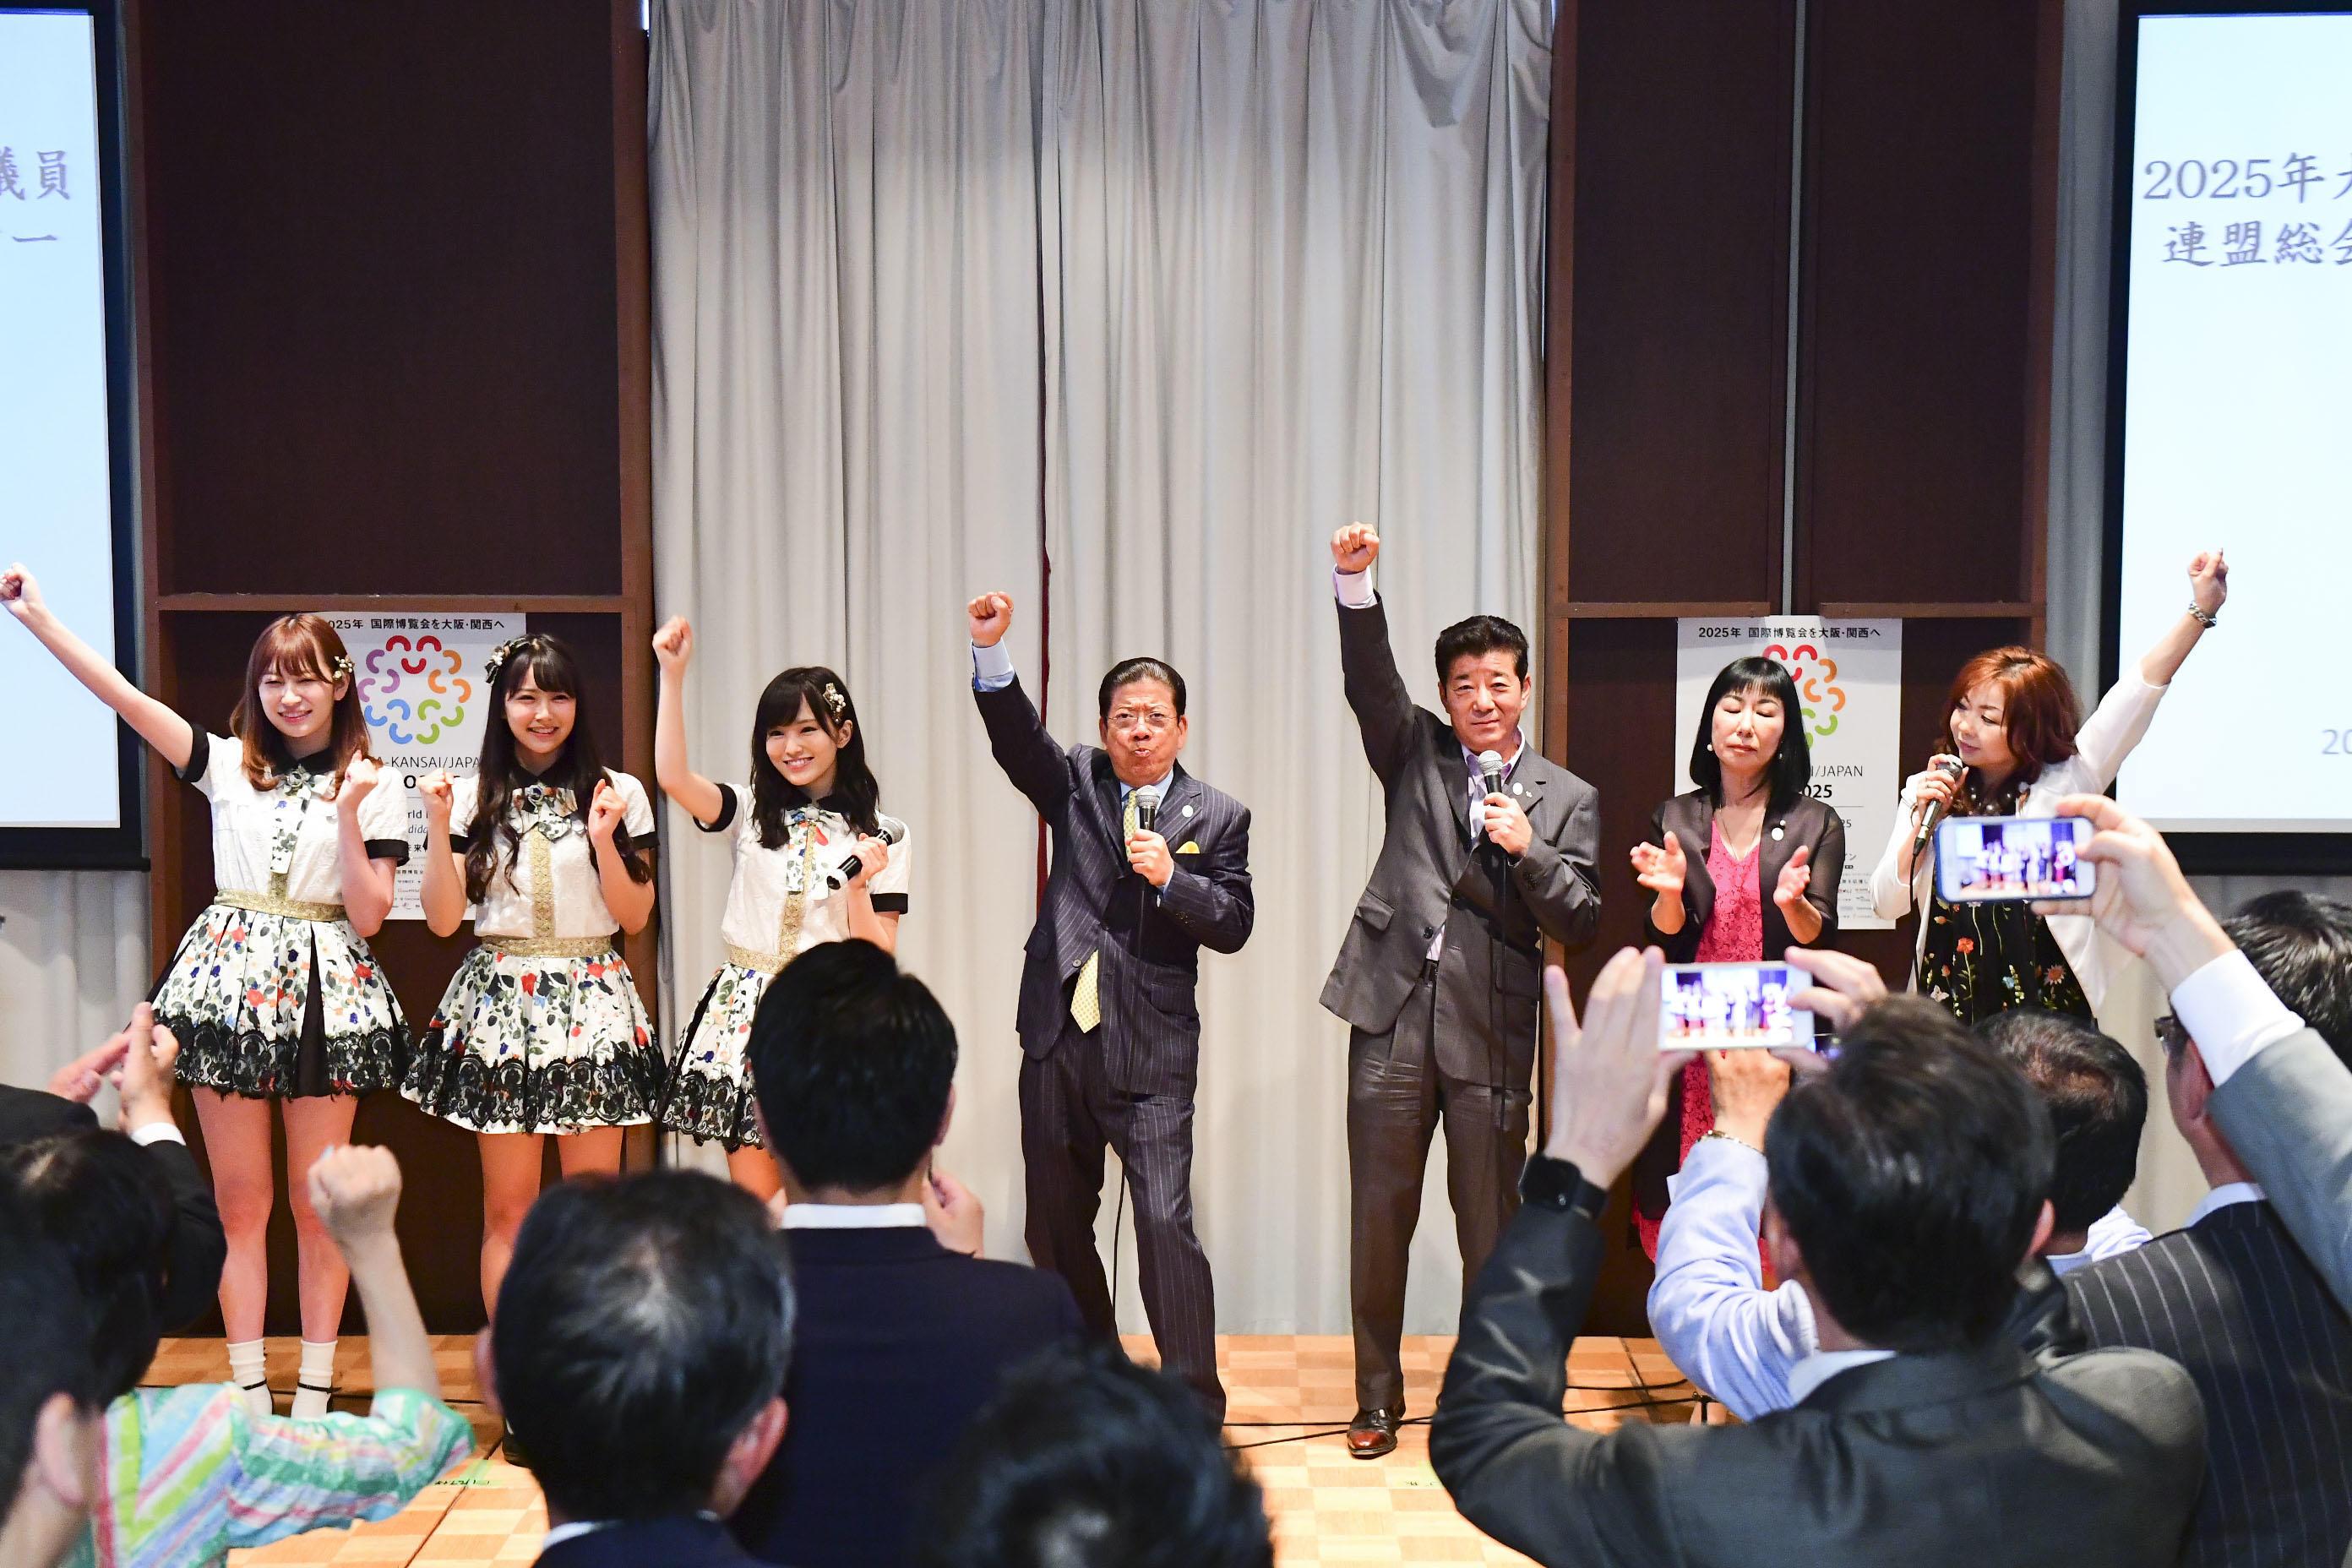 http://news.yoshimoto.co.jp/20170729012851-b5fff4024a2d4e6f1b5cbcffe20c22de5cee4e5a.jpg